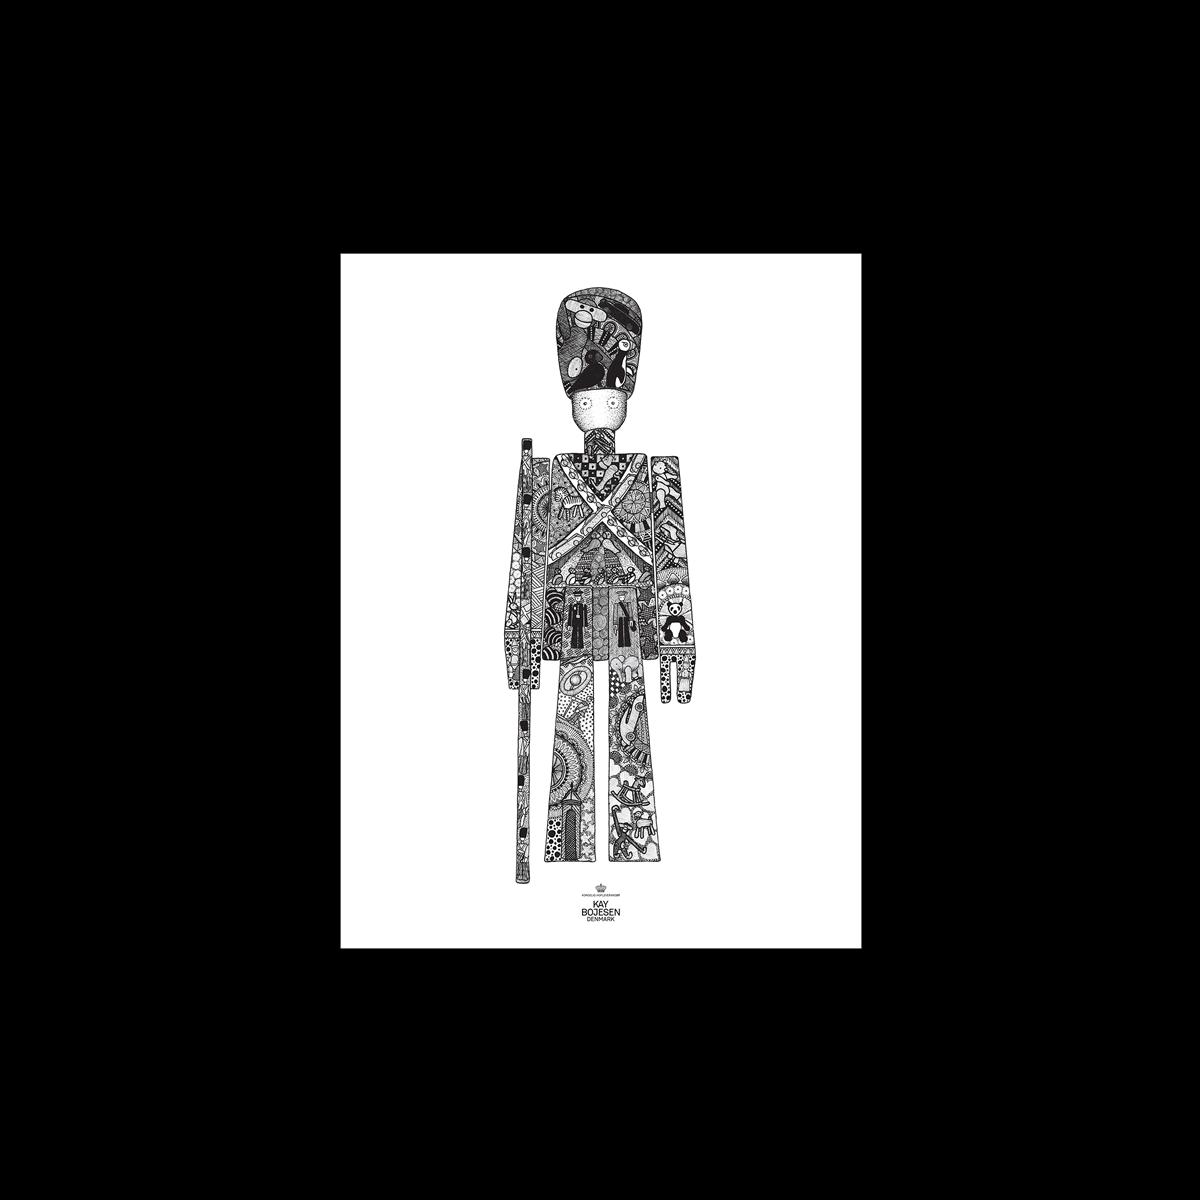 Kay Bojesen Garder Poster 30 x 40 cm - Black/White (39498)